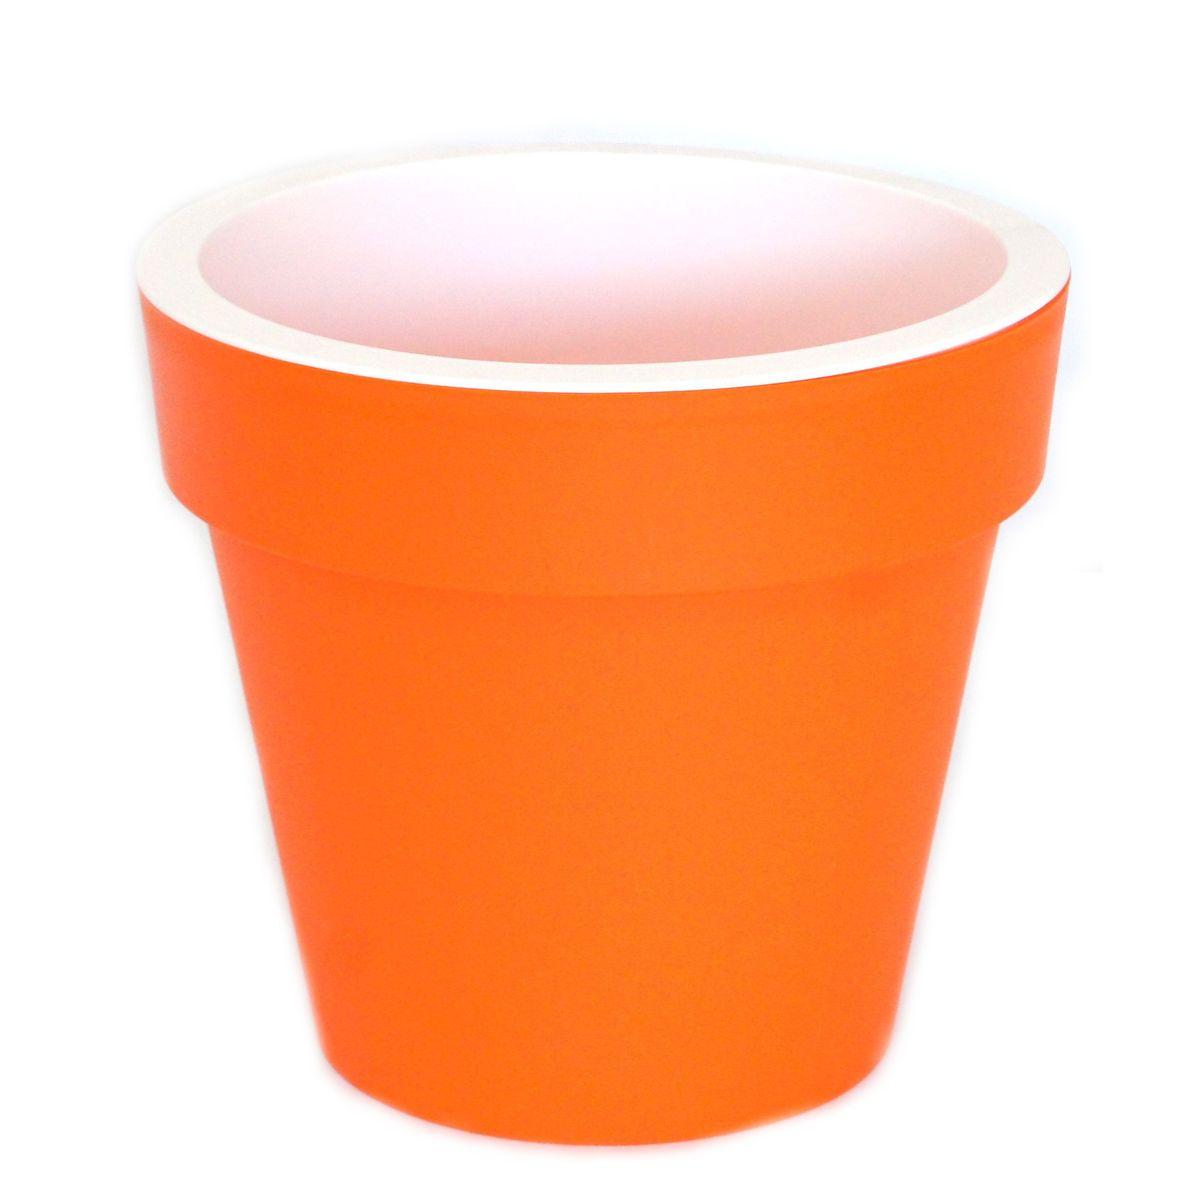 Кашпо JetPlast Порто, со вставкой, цвет: оранжевый, 6 л4612754052974Кашпо классической формы с внутренней вставкой-горшком. Дренажная вставка позволяет легко поливать растения без использования дополнительного поддона. Вместительный объем кашпо позволяет высаживать самые разнообразные растения, а съемная вставка избавит вас от грязи и подчеркнет красоту цветка.